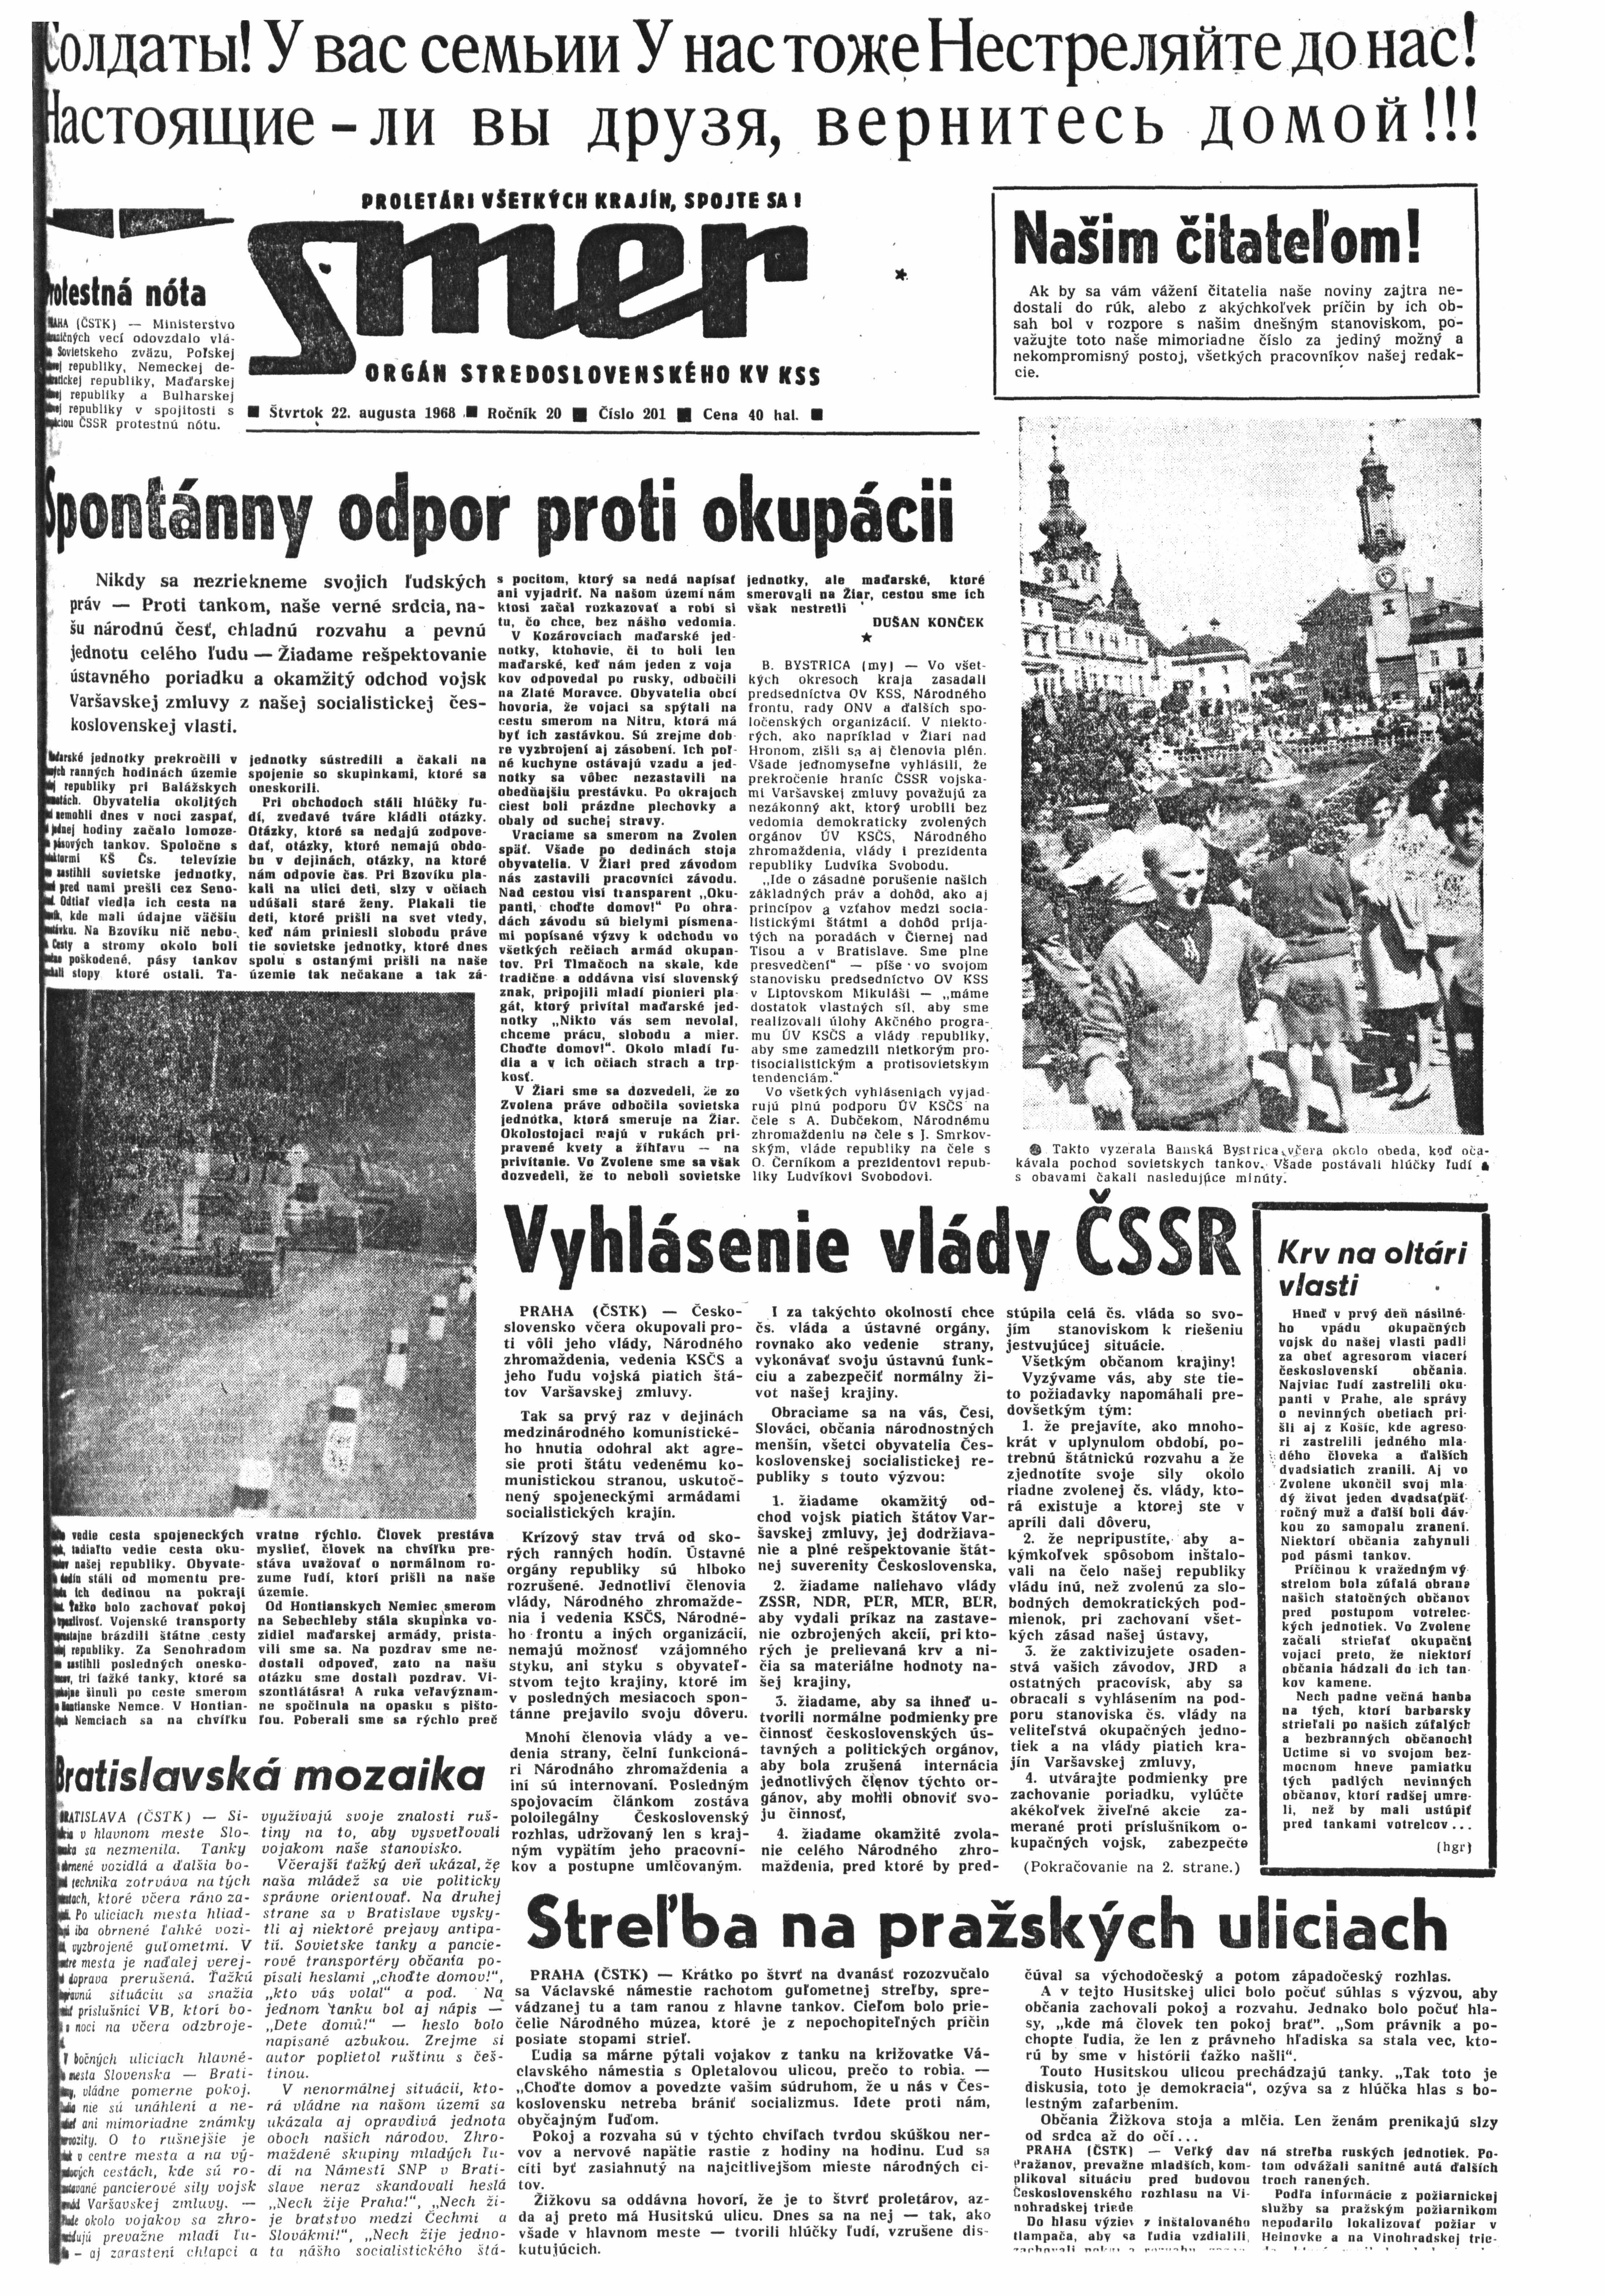 Smer 1968 22. August